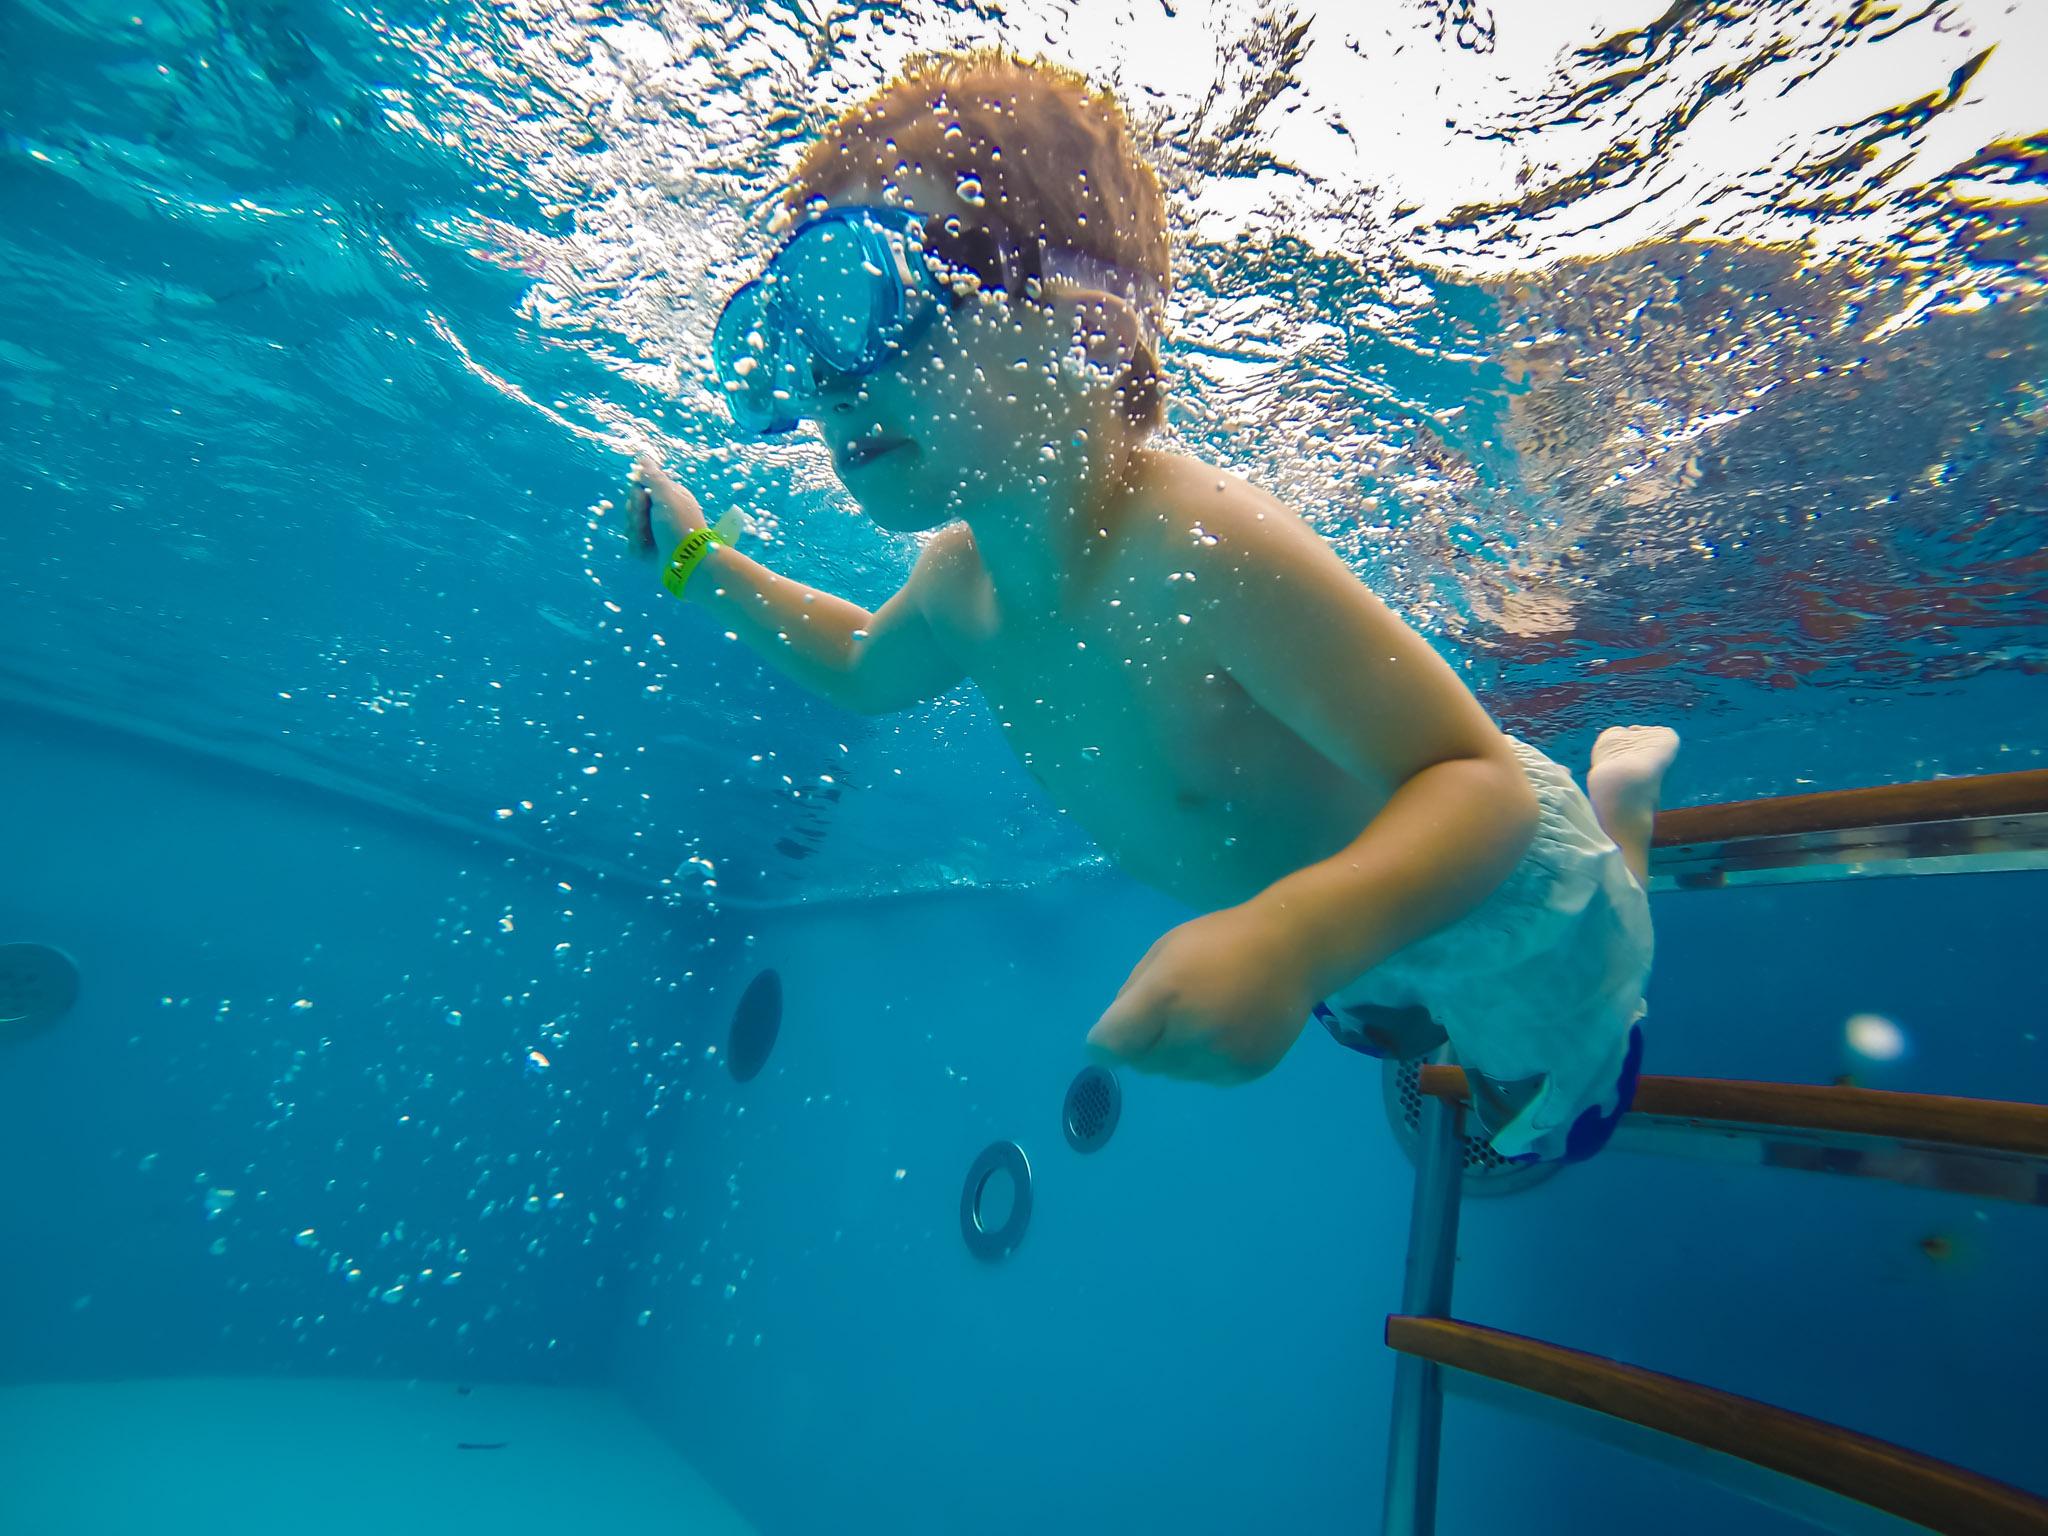 Child Under water